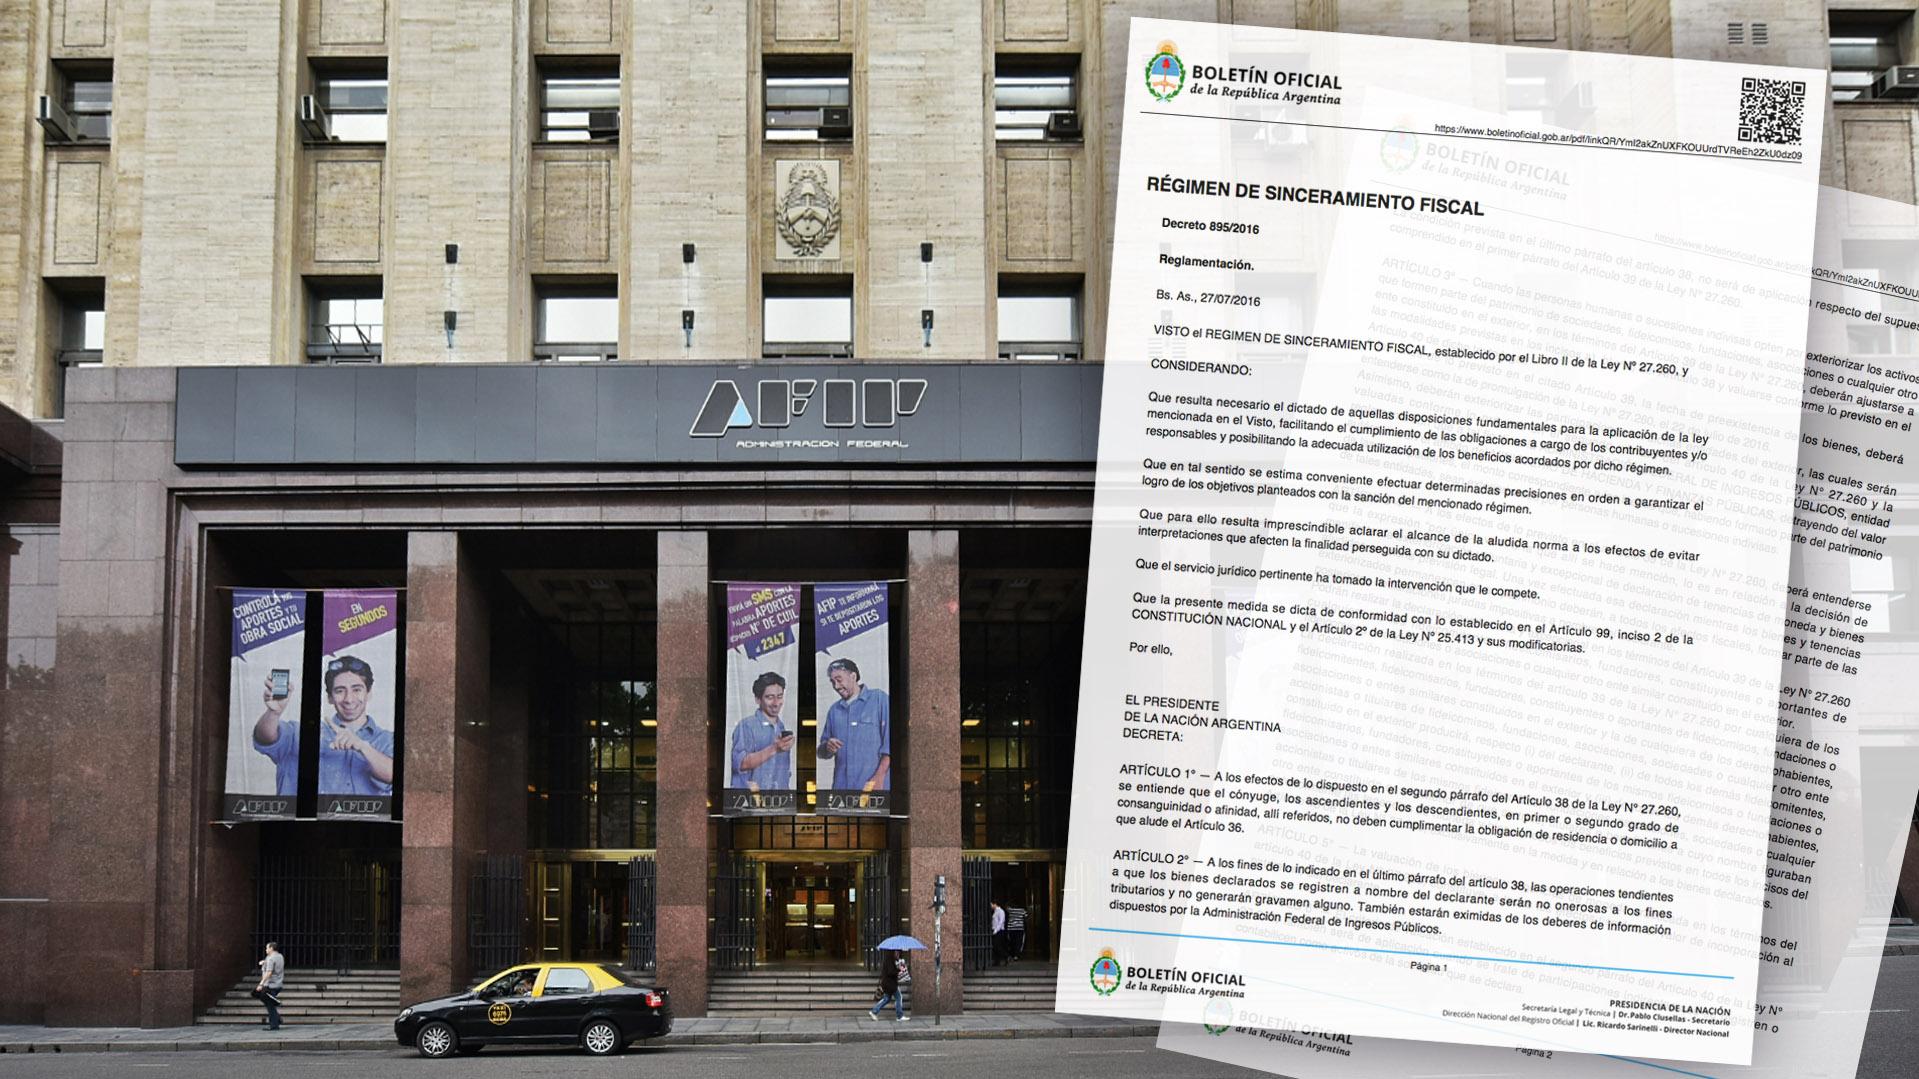 El organismo definió los criterios de valuación de los activos que se incorporen al circuito formal de la economía, luego de publicado en el Boletín Oficial el decreto 895